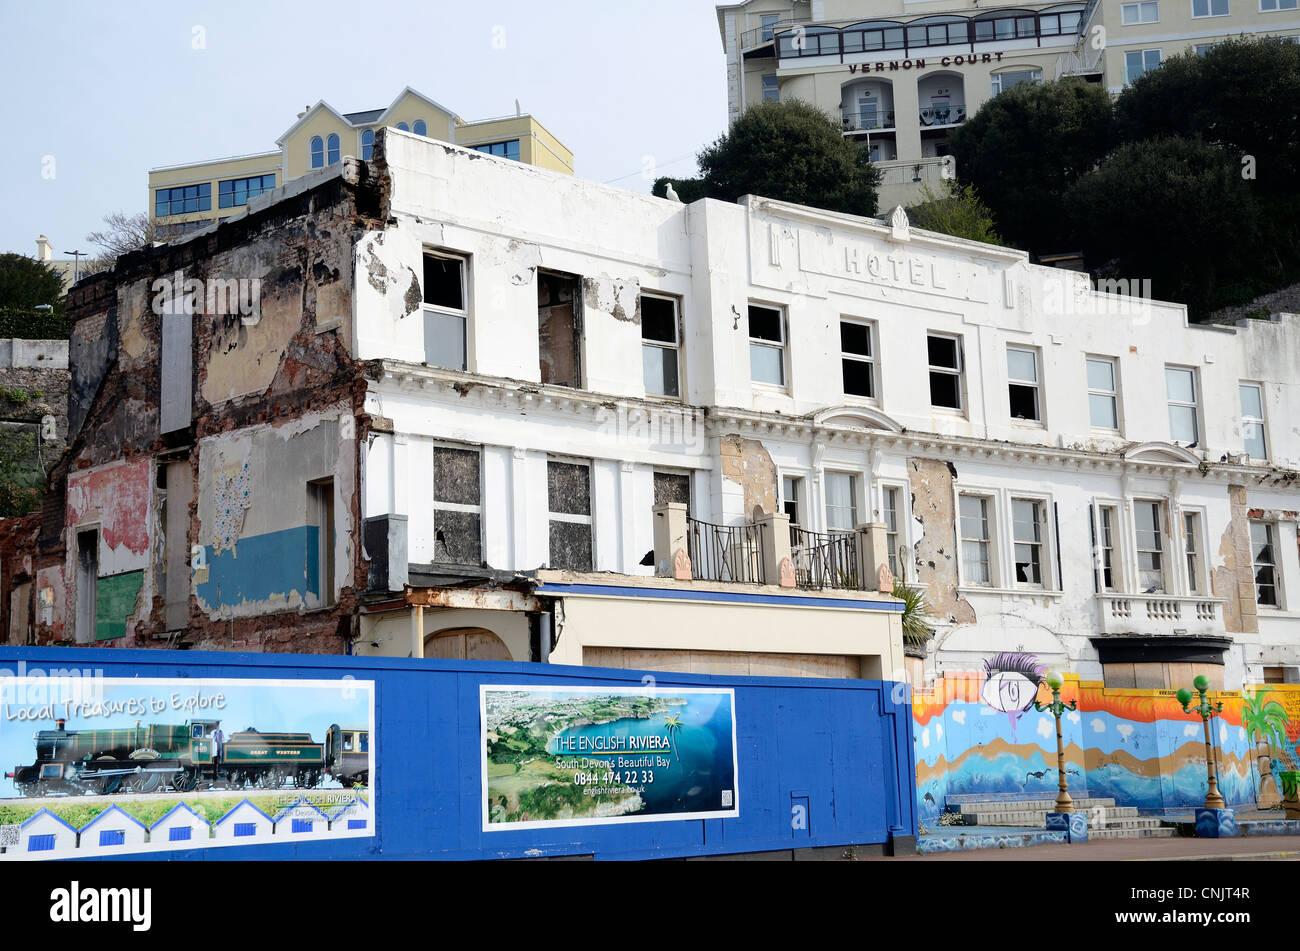 Un mauvais état fermé hôtel à Torquay dans le Devon, UK Photo Stock